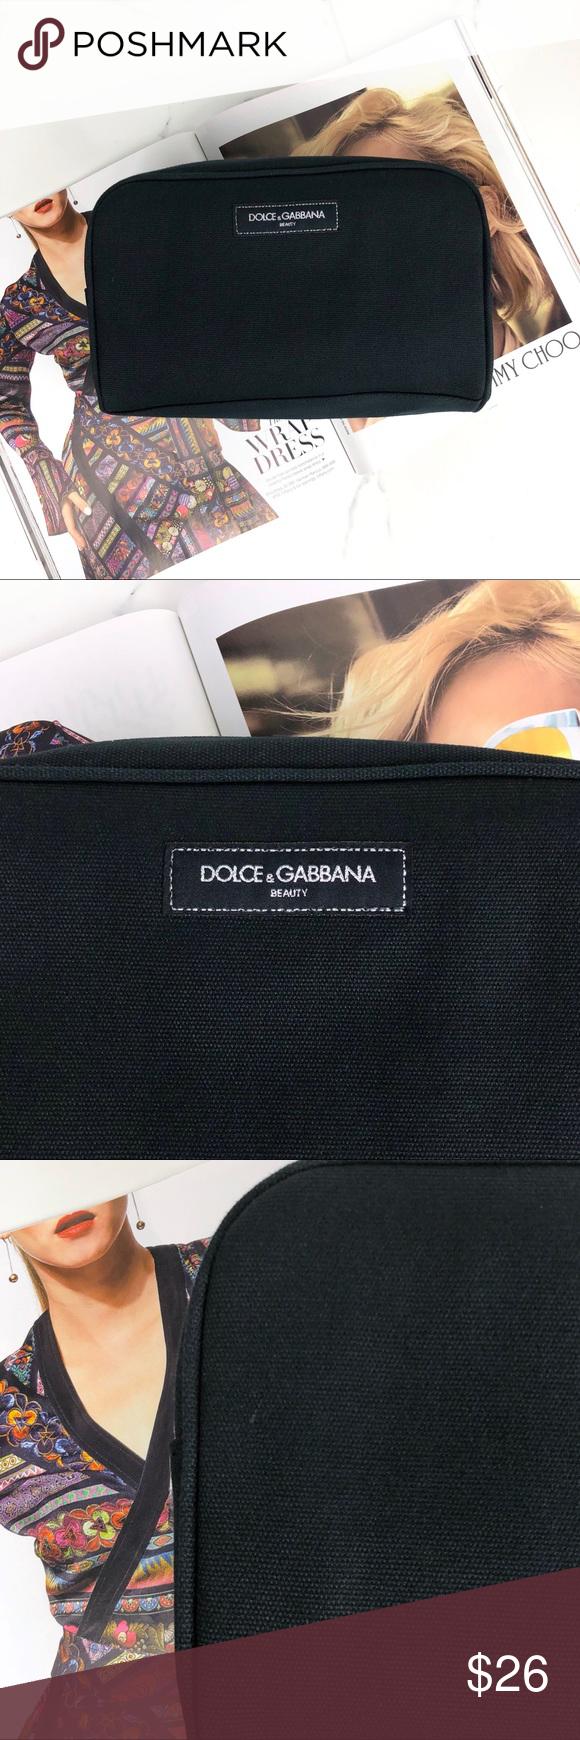 Dolce & Gabbana • Black Beauty Makeup Bag Makeup storage